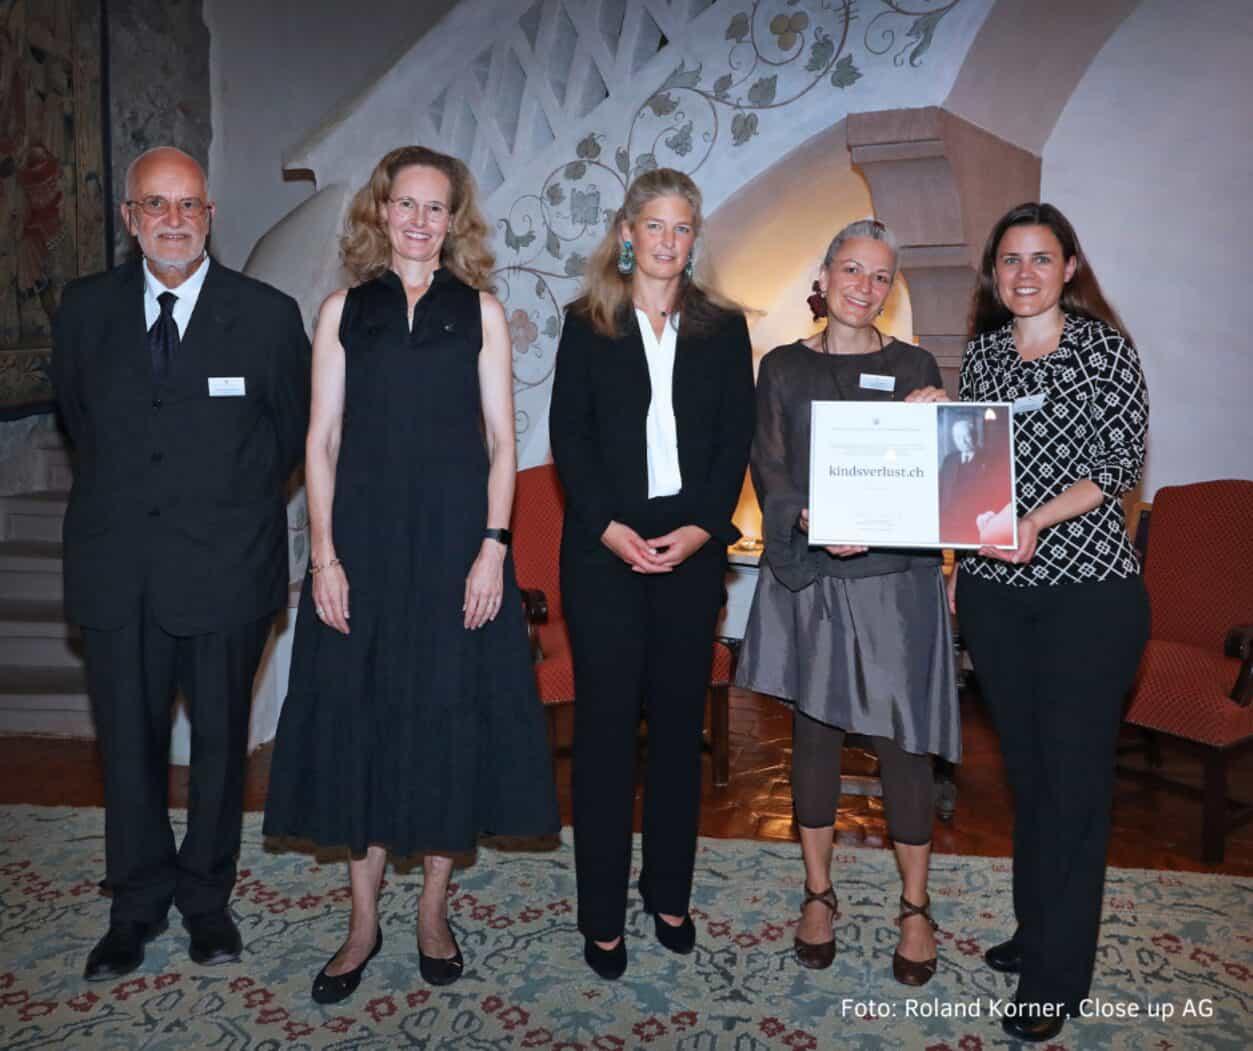 MEDIENMITTEILUNG: Fachstelle Kindsverlust.ch Mit Sitz In Bern Gewinnt Franz Josef Von Liechtenstein-Preis 2020/21